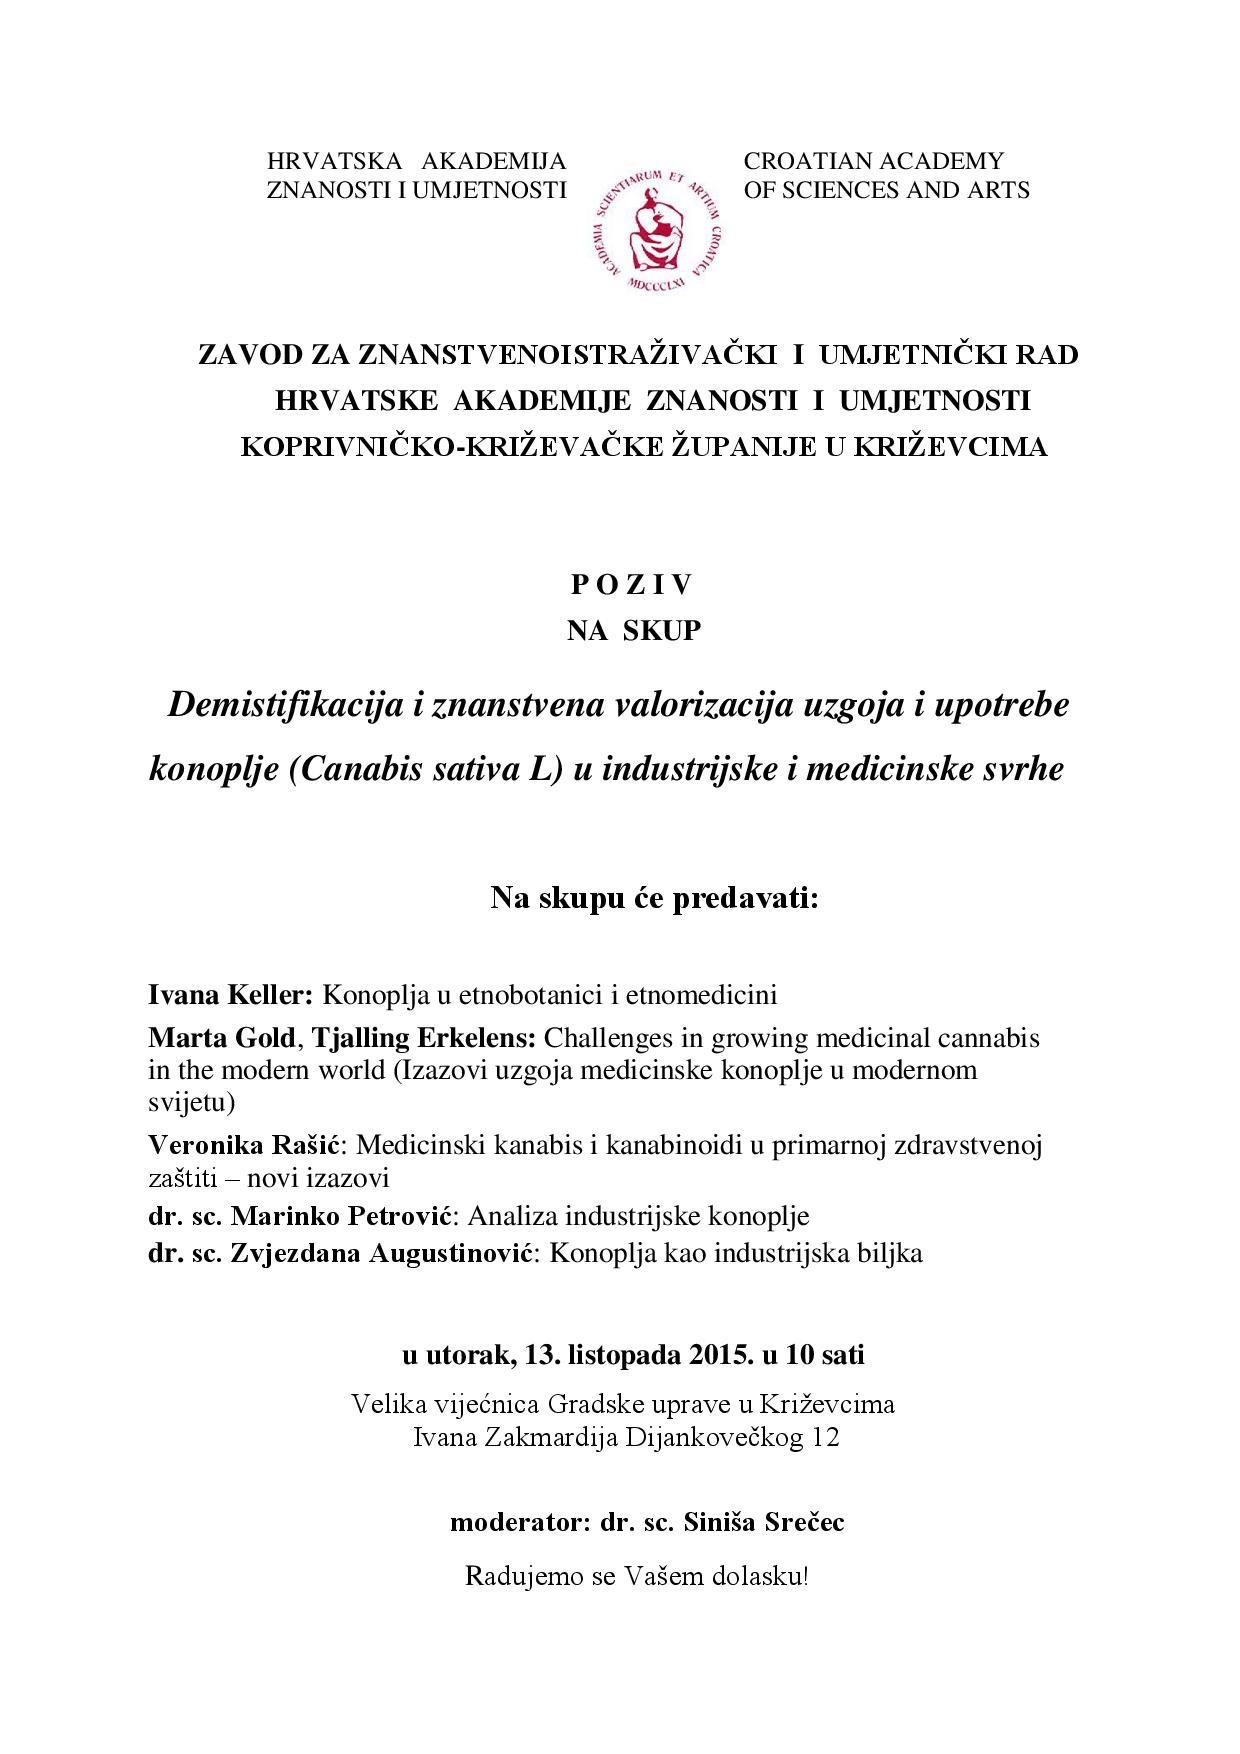 HAZU_POZIV-Znanstveni skup o medicinskoj konoplji